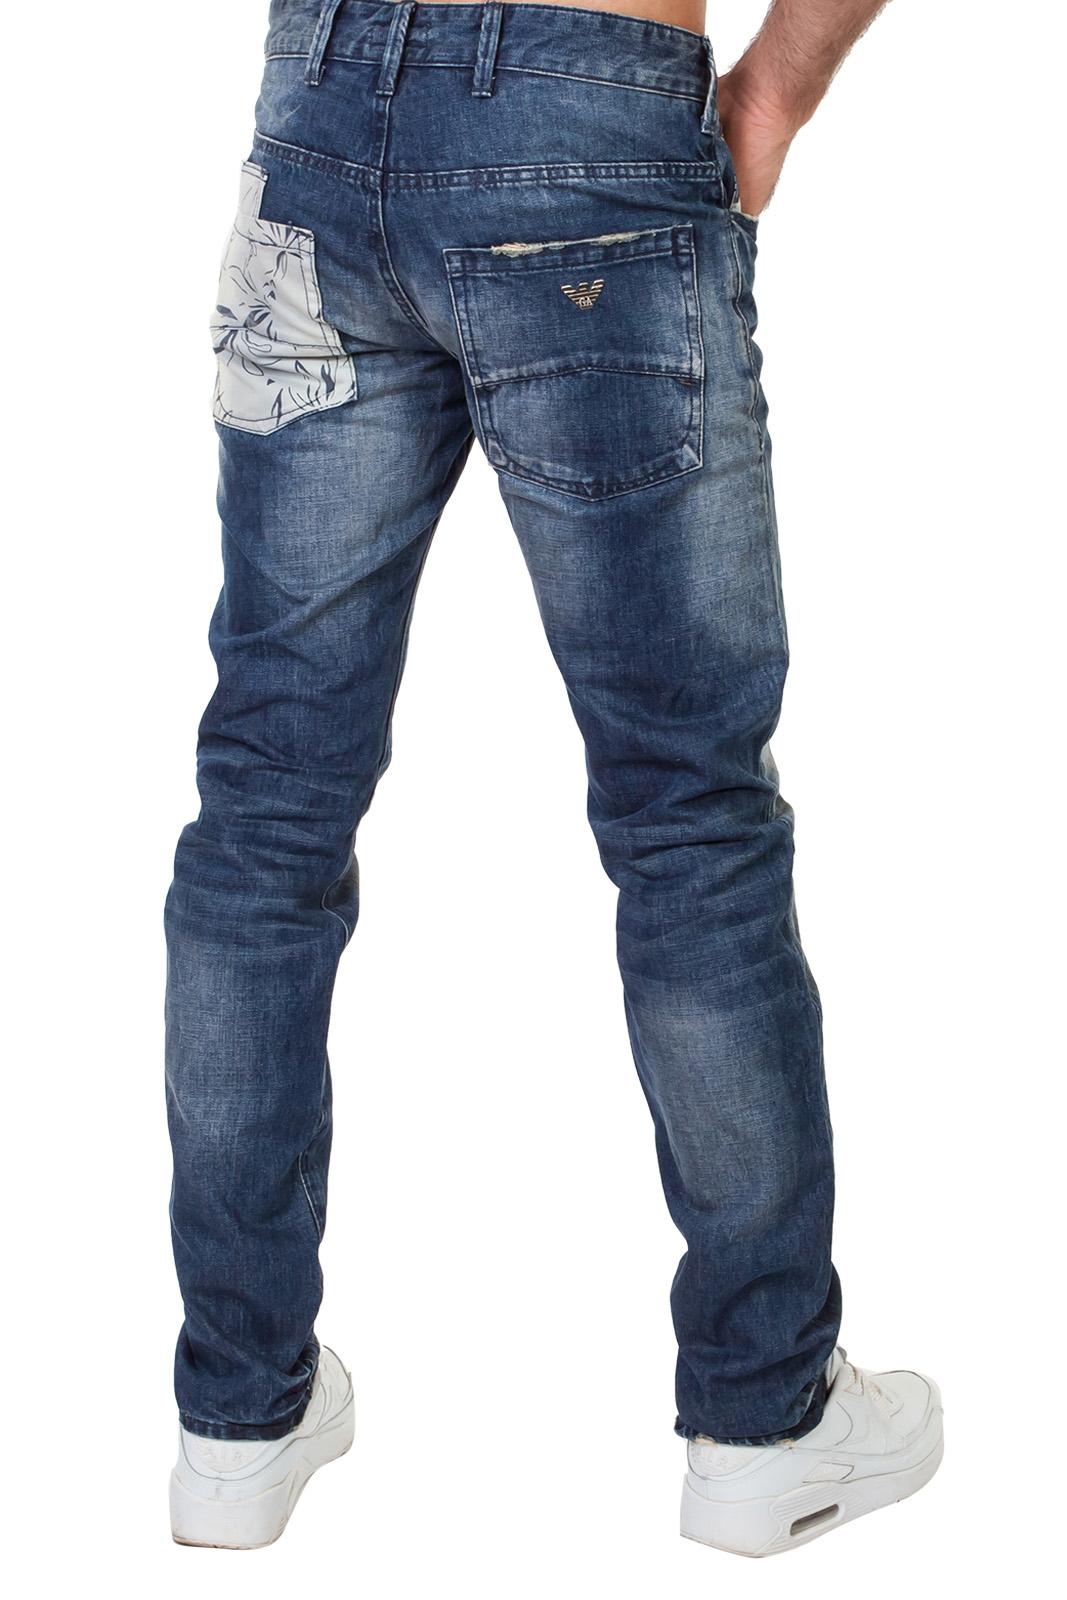 Оригинальные мужские кэжуал джинсы с большими карманами